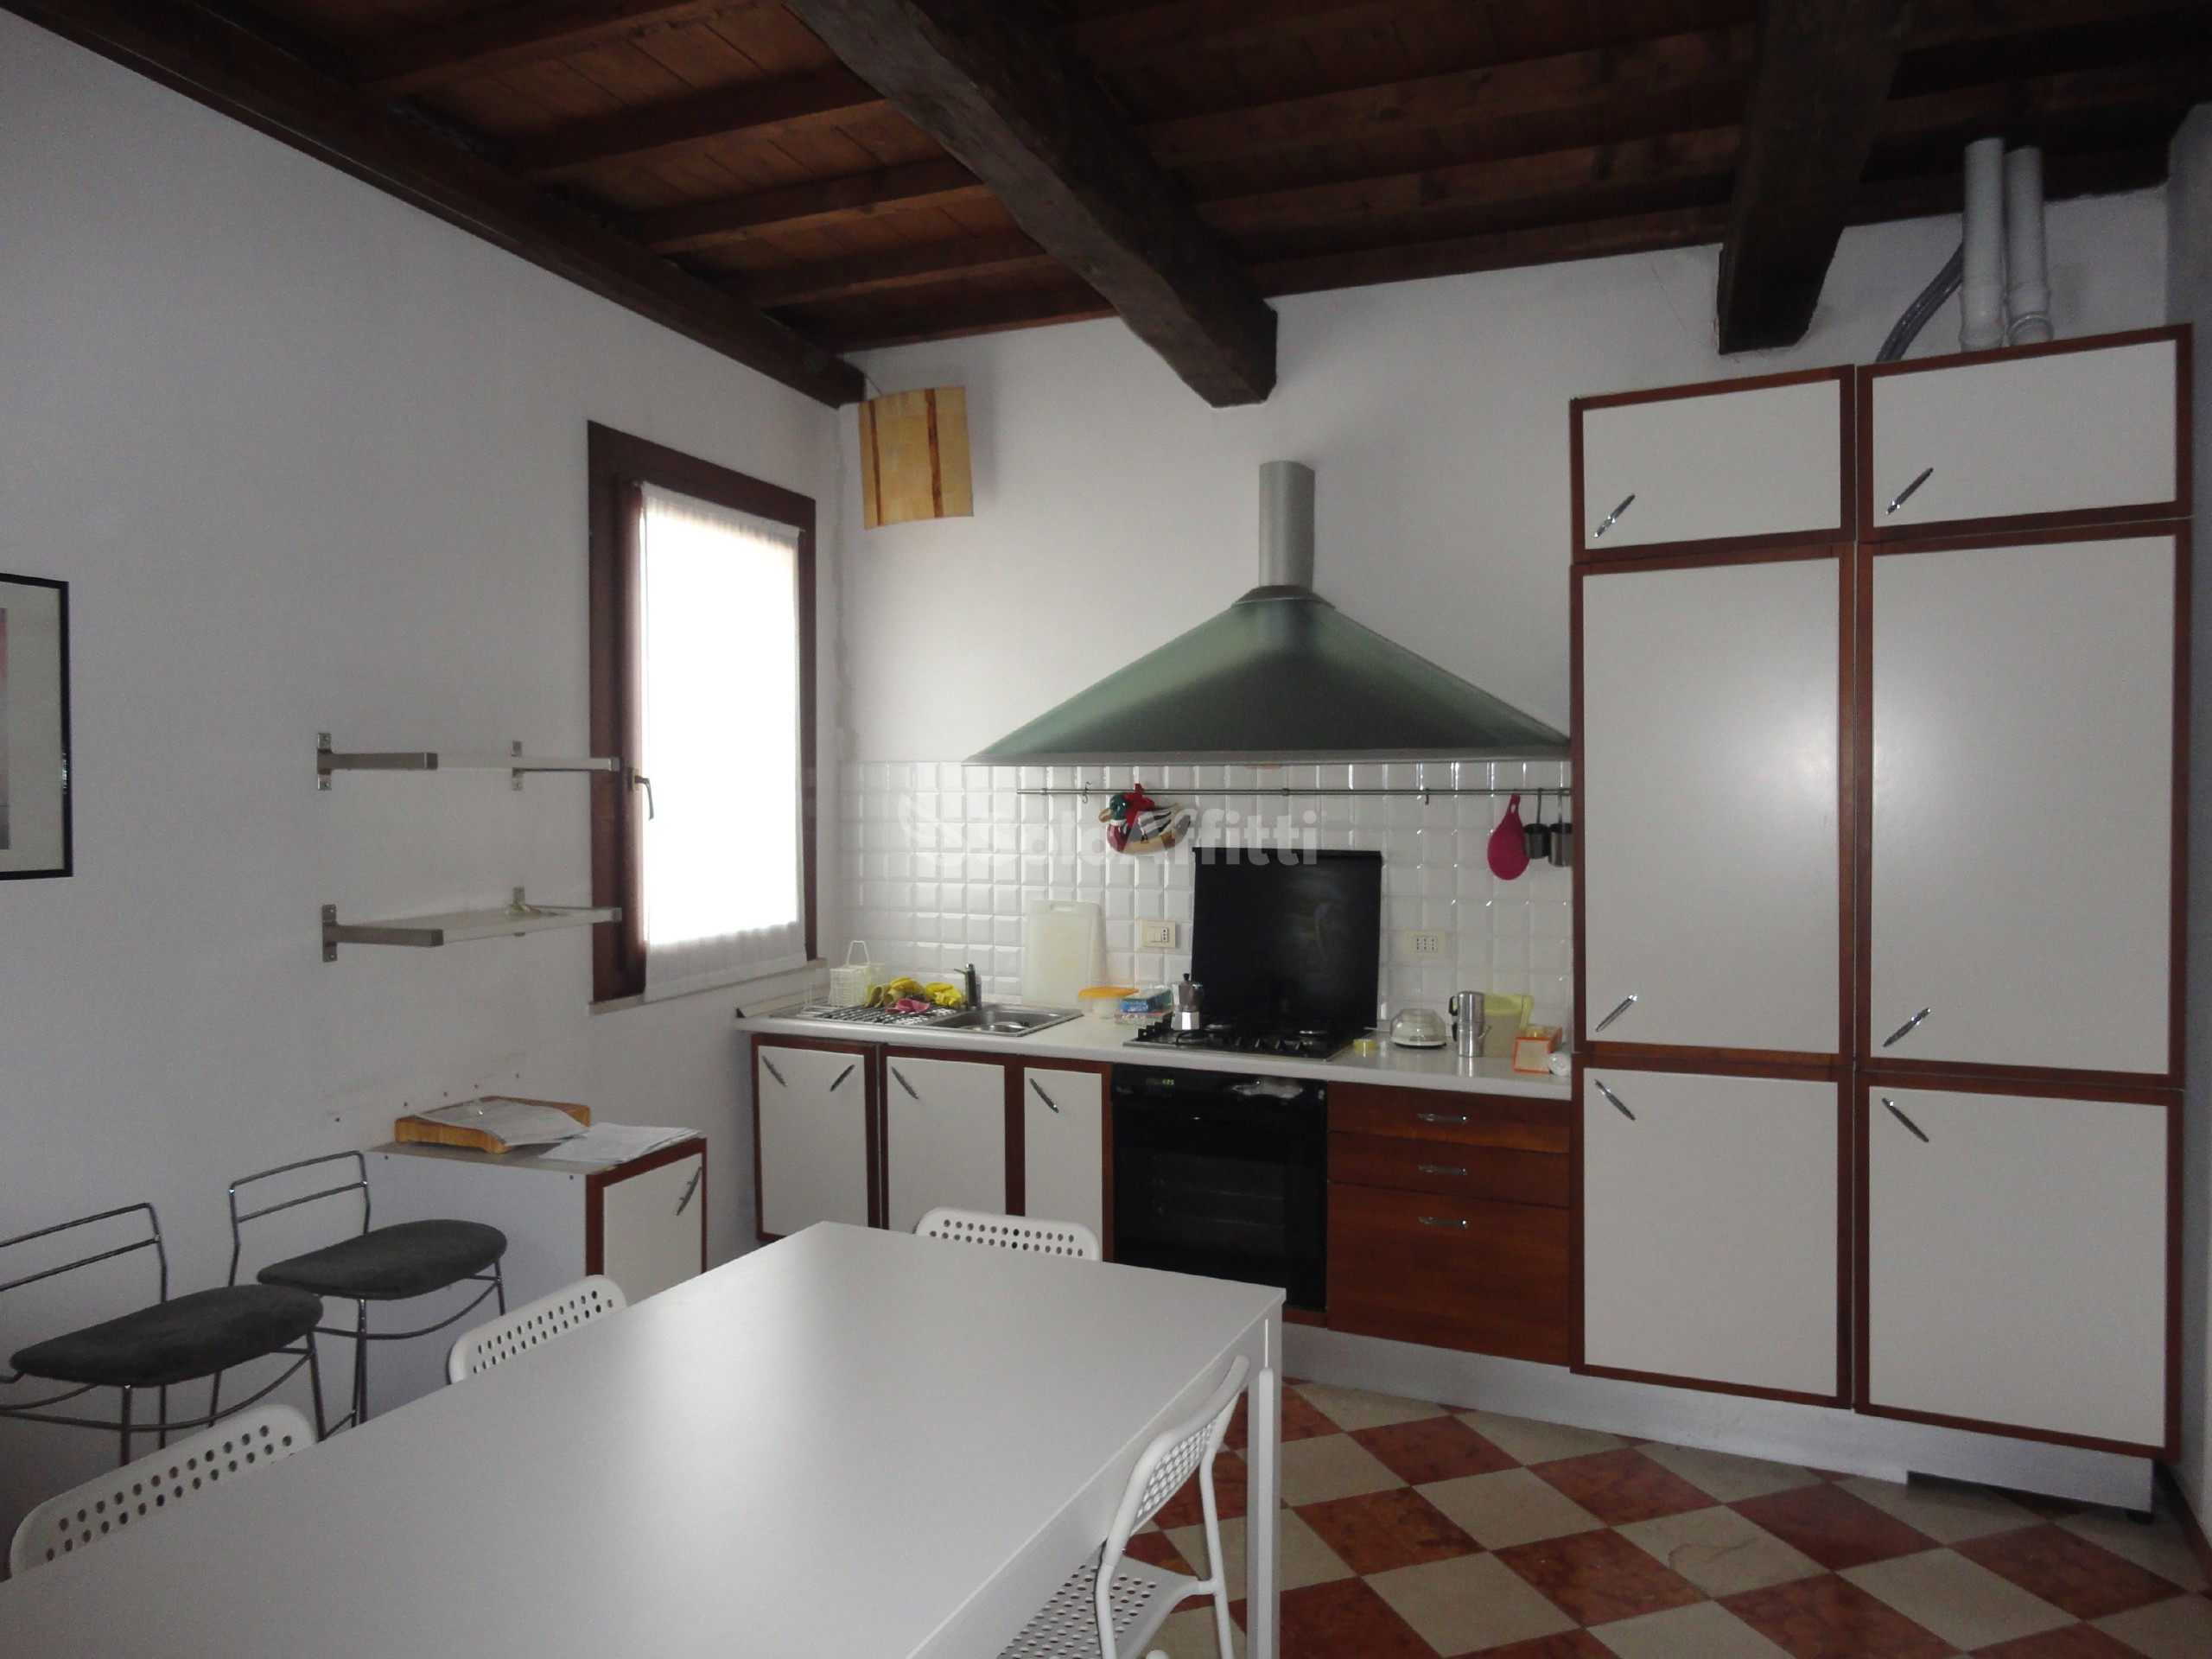 07 - Cucina.jpg